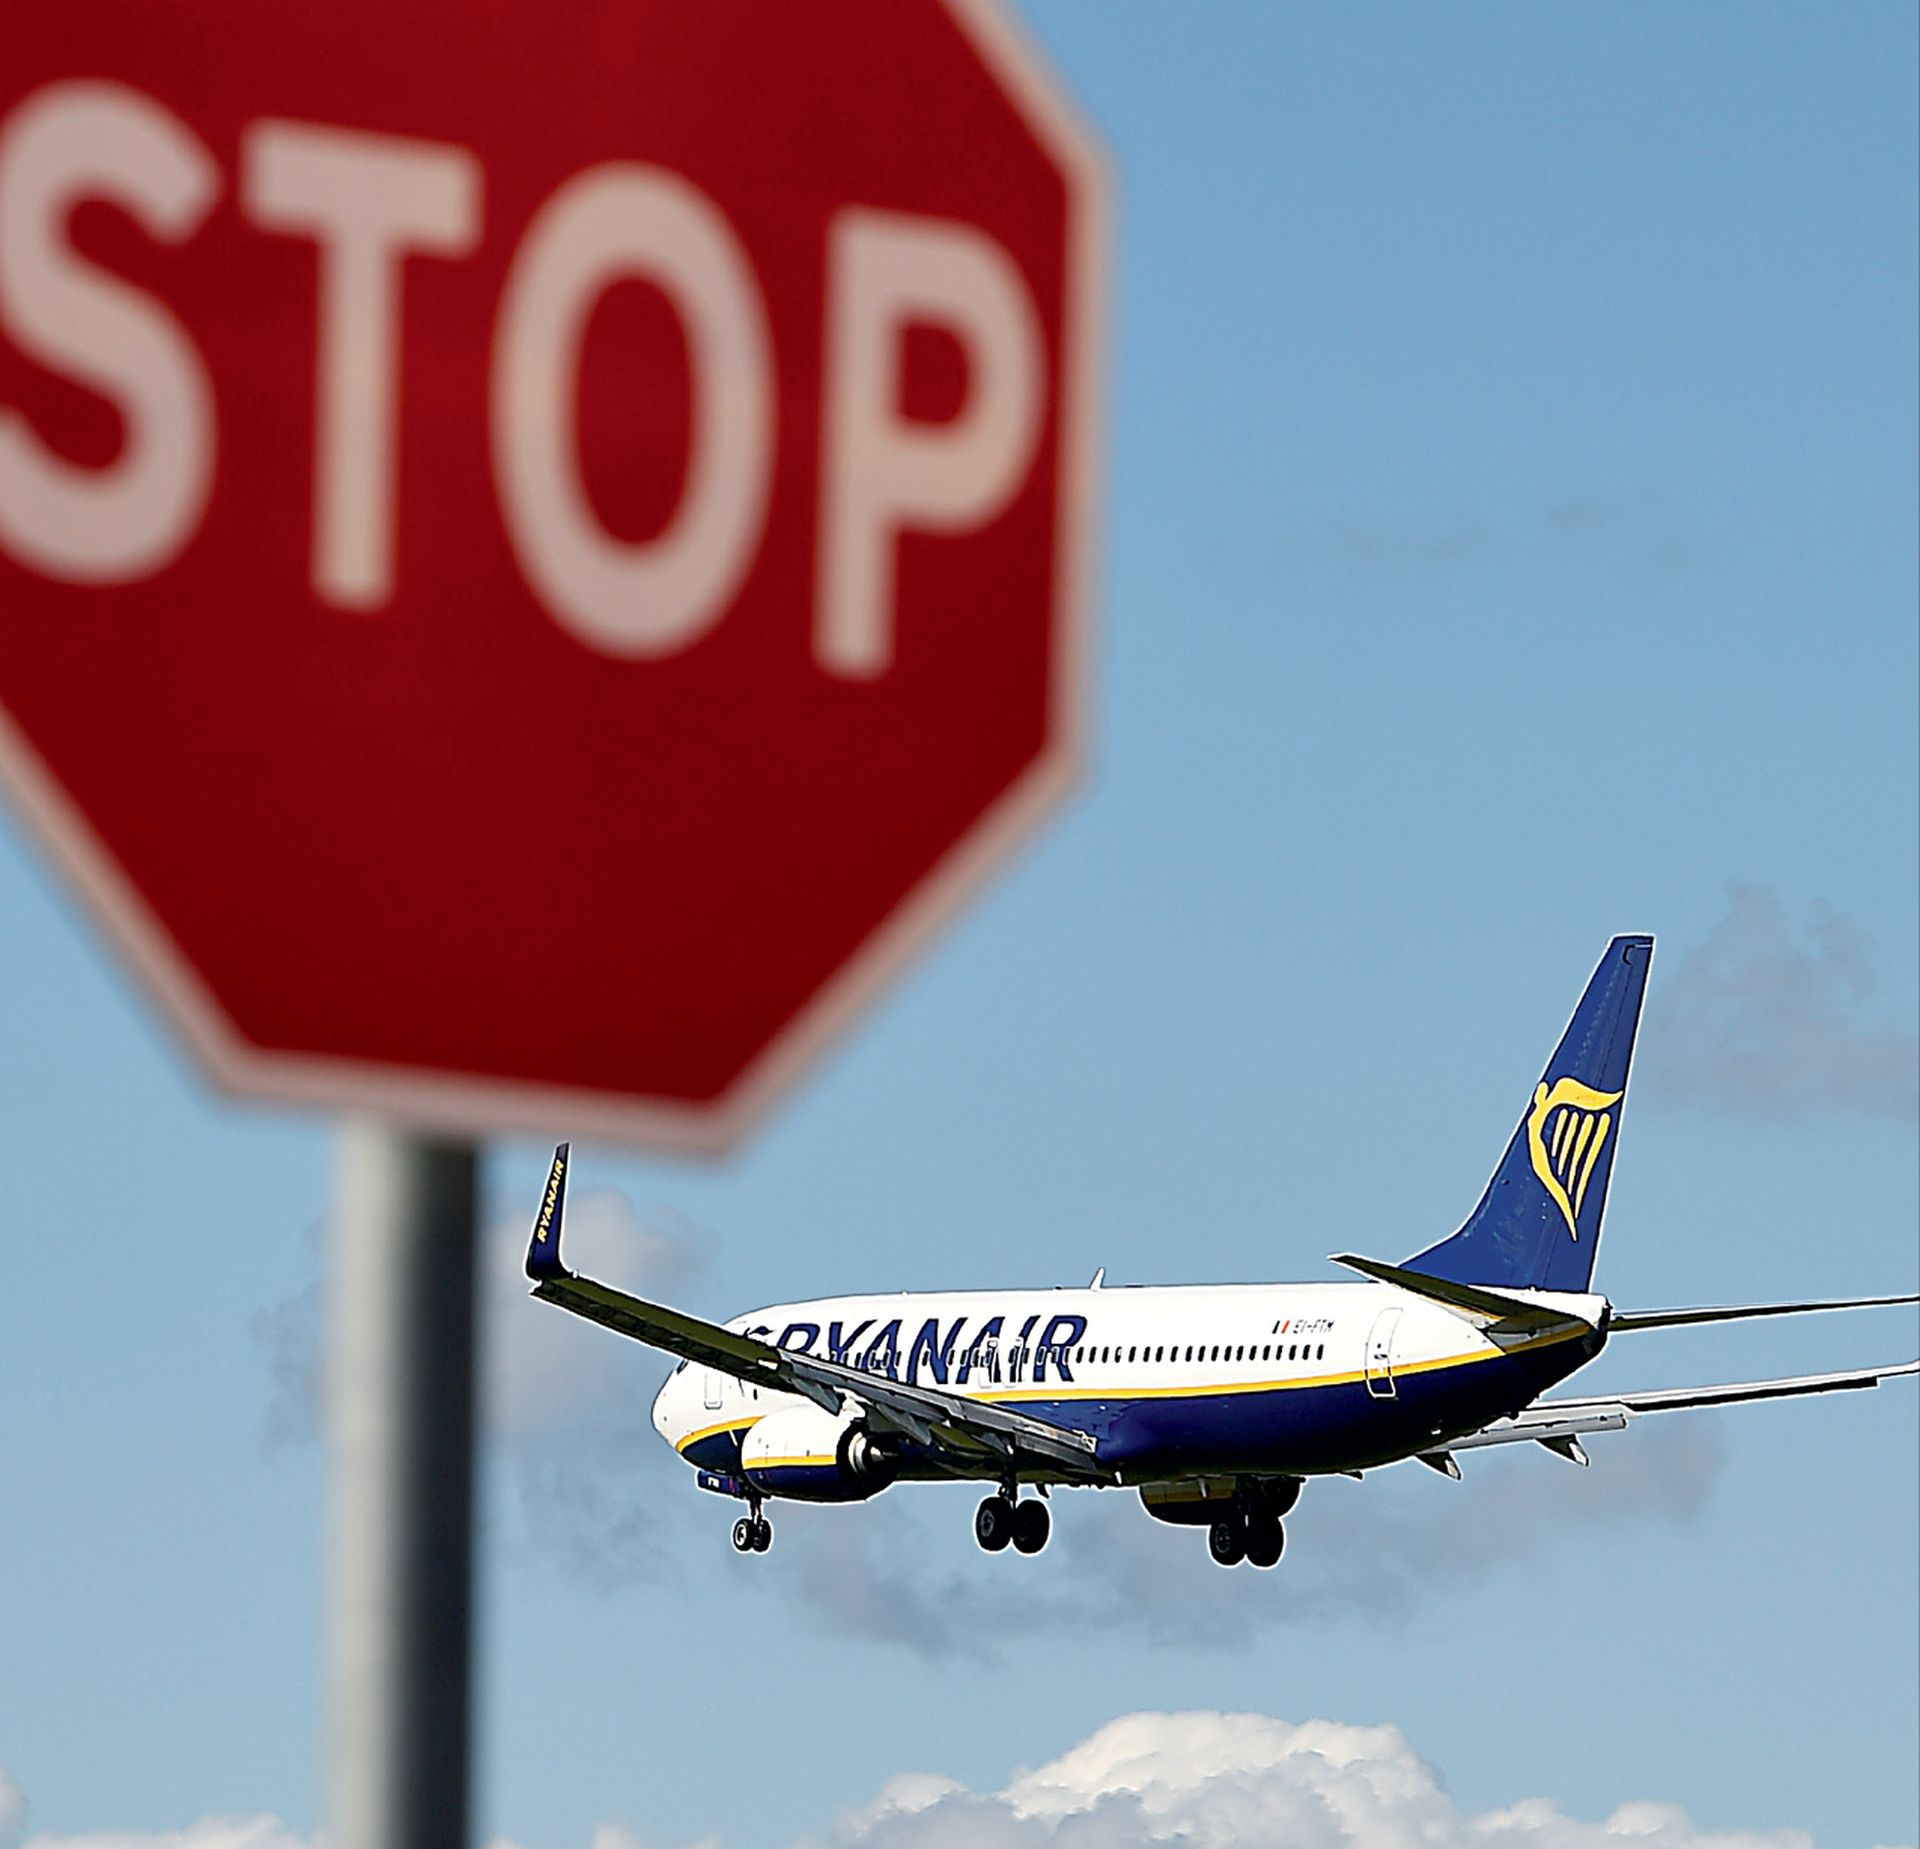 SLUČAJ RYANAIR Tajna krize u tvrtki koja je promijenila zrakoplovstvo